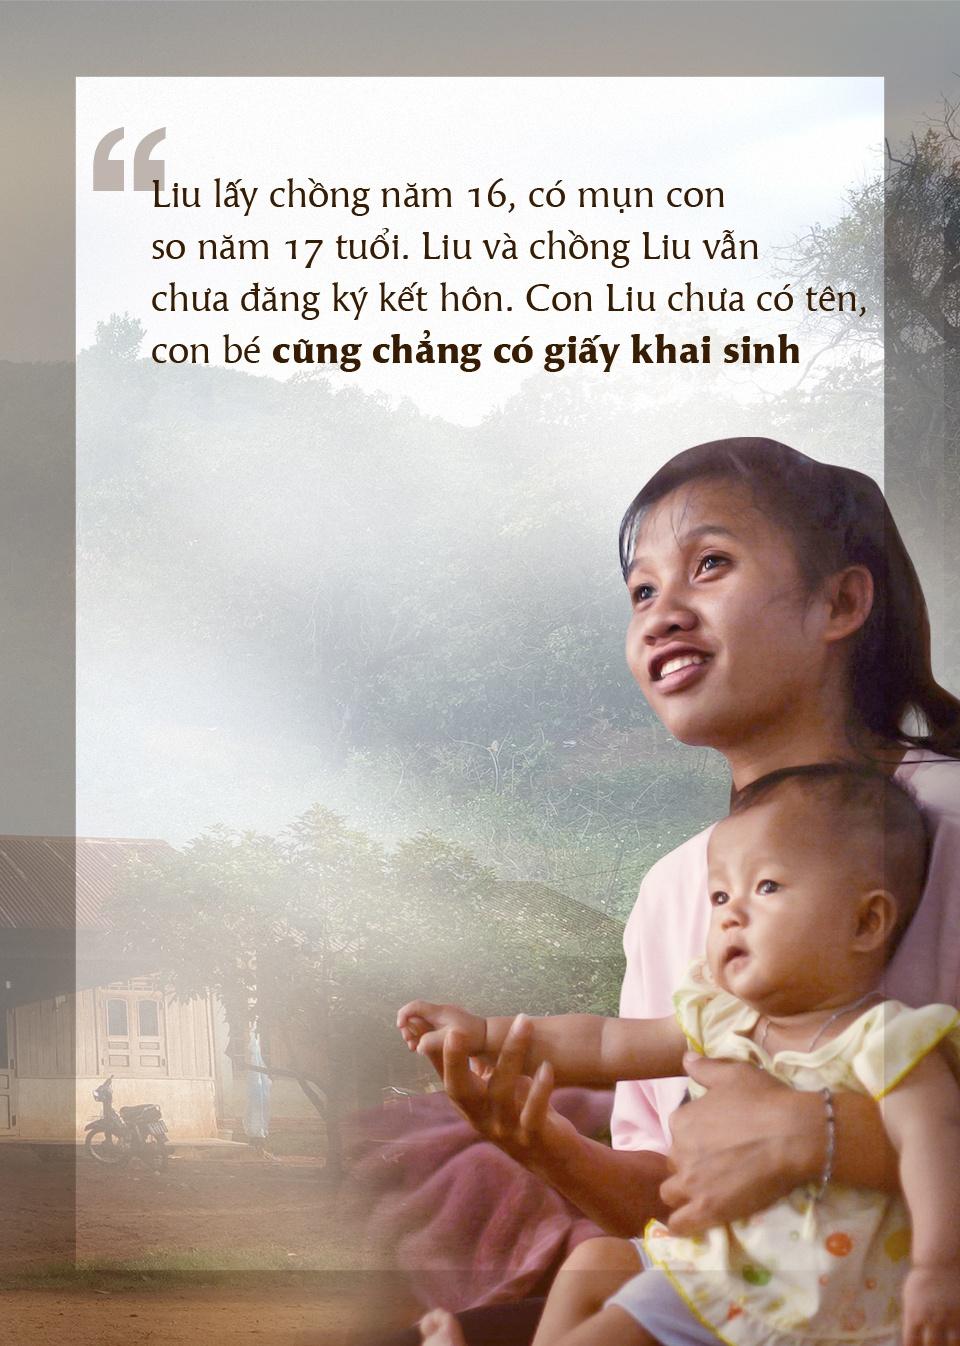 nguoi M'Nong,  Ol Bu Tung,  Zalo,  Hanh chinh Cong anh 16